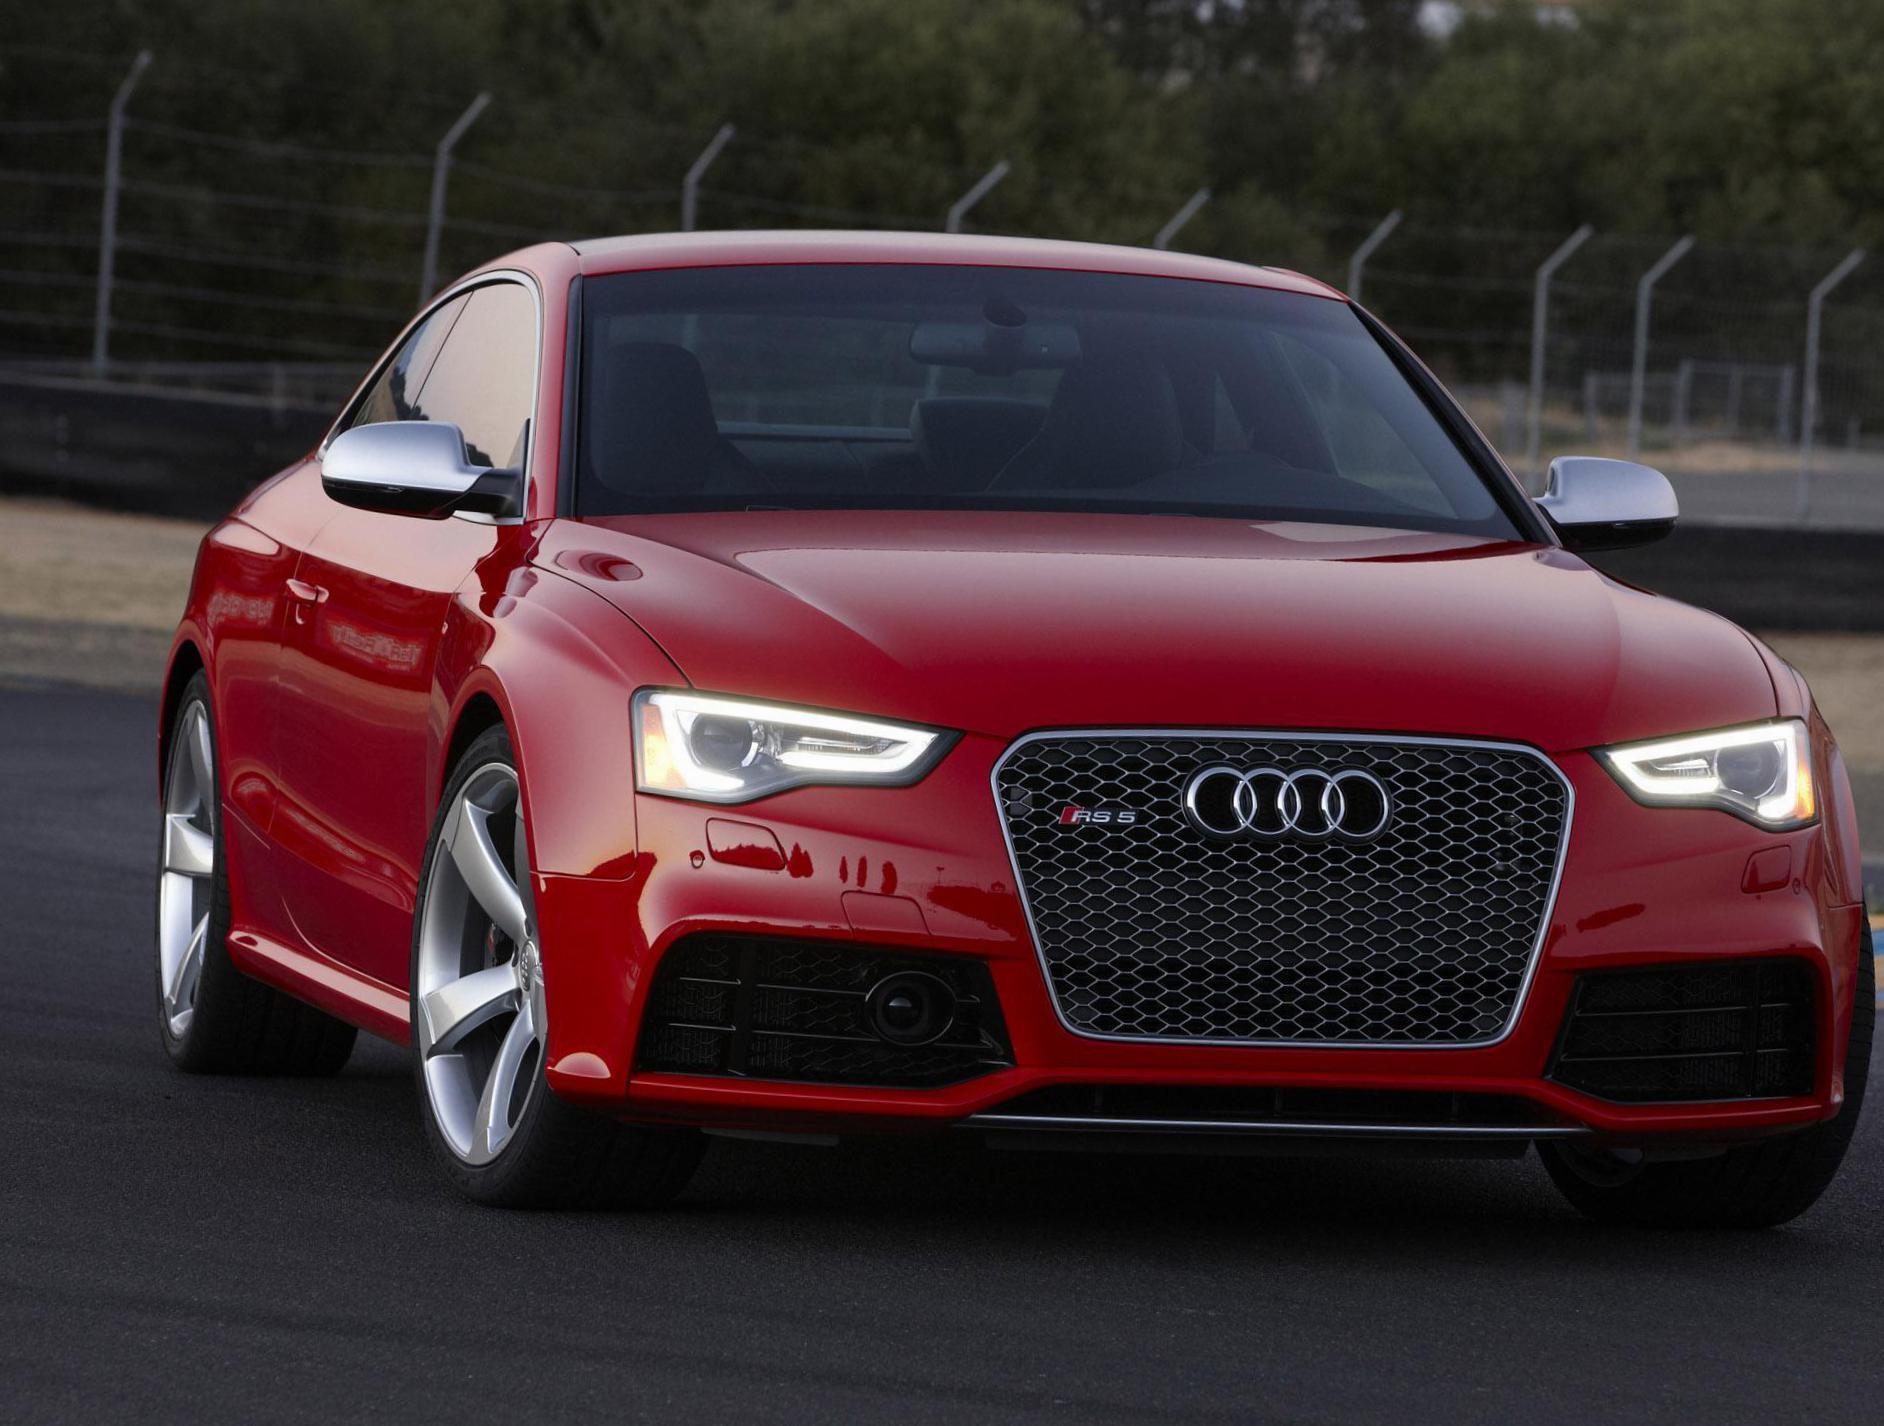 Kelebihan Audi Rs5 2012 Spesifikasi